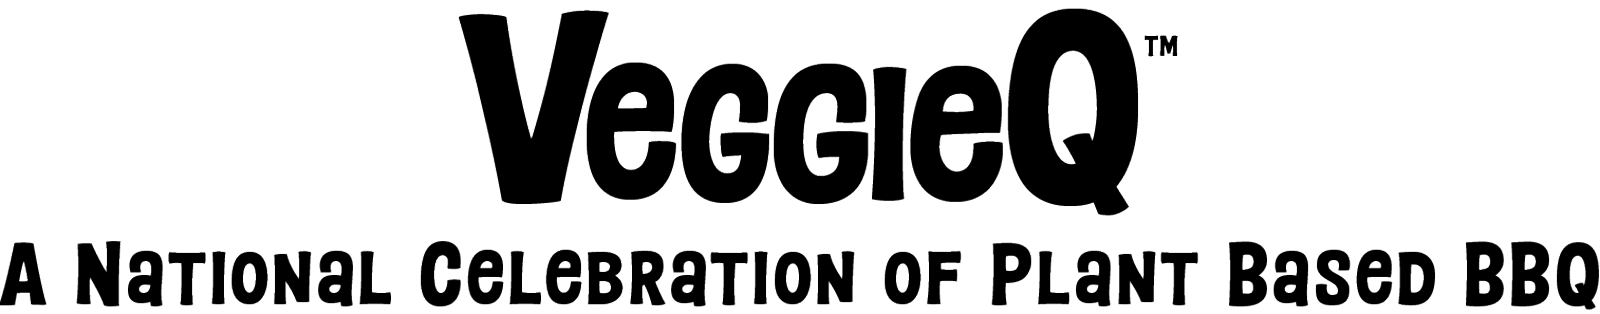 National Veggie-Burger Challenge (VeggieQ) logo